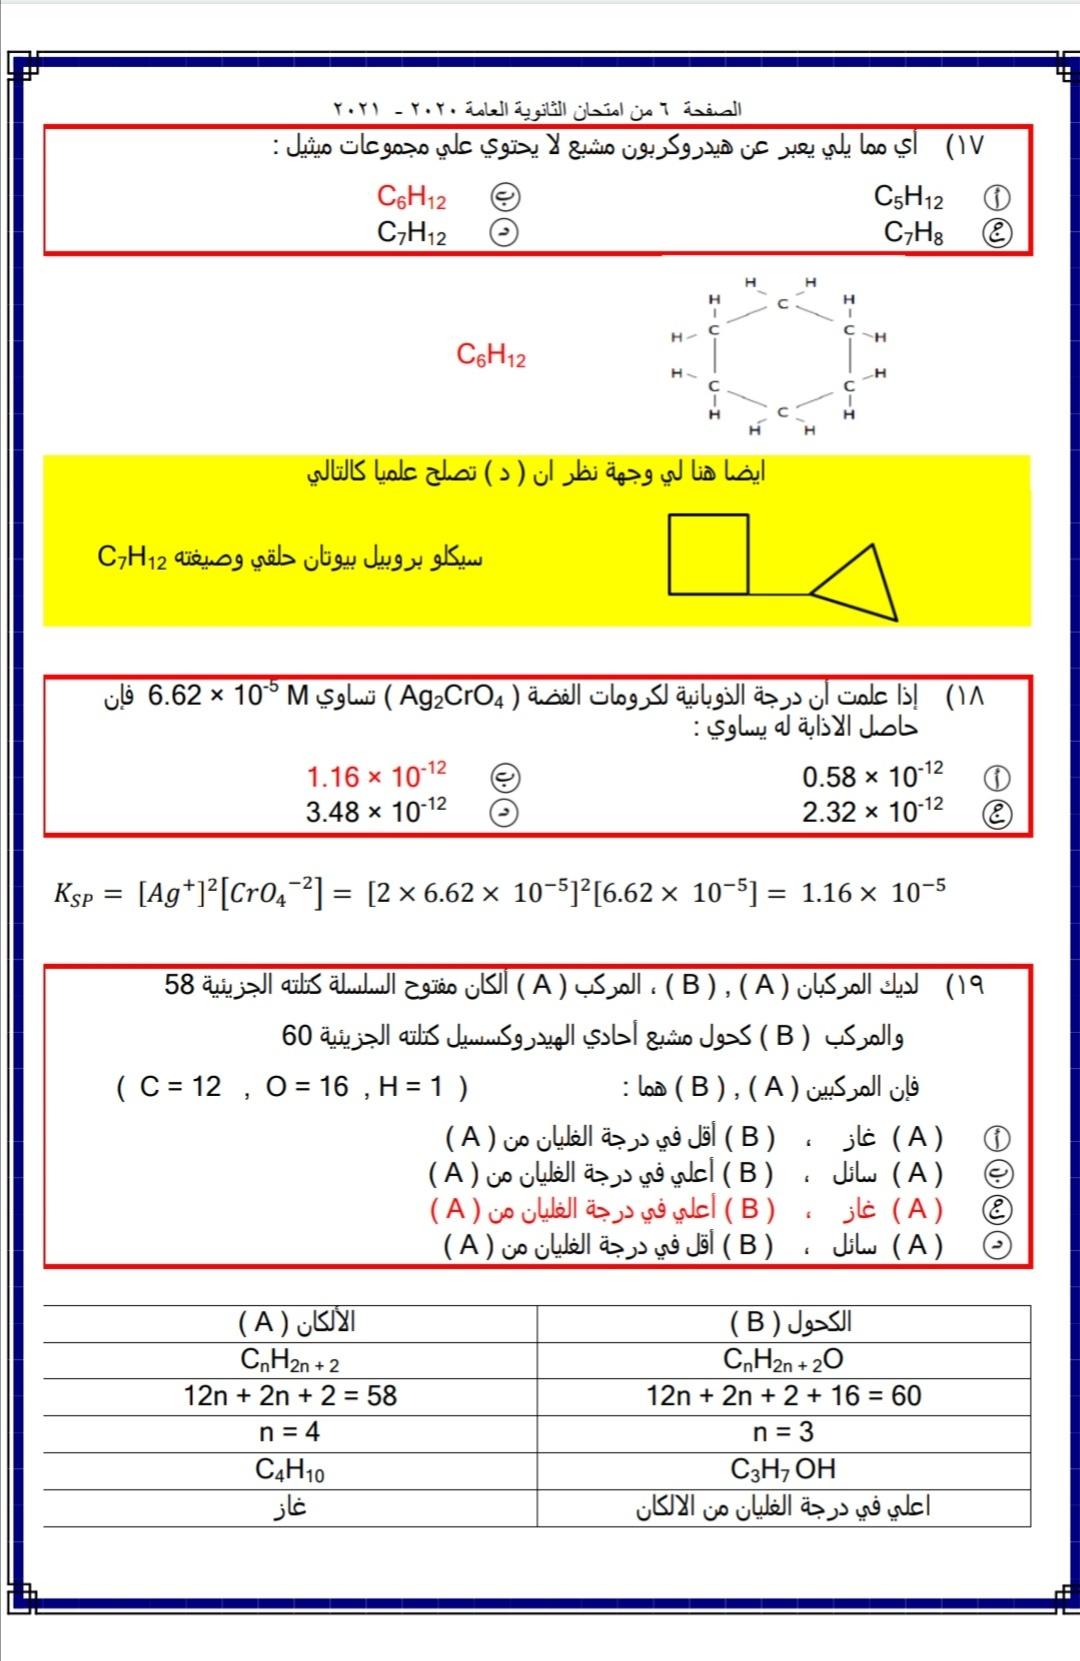 نموذج اجابة امتحان الكيمياء للثانوية العامة 2021 6